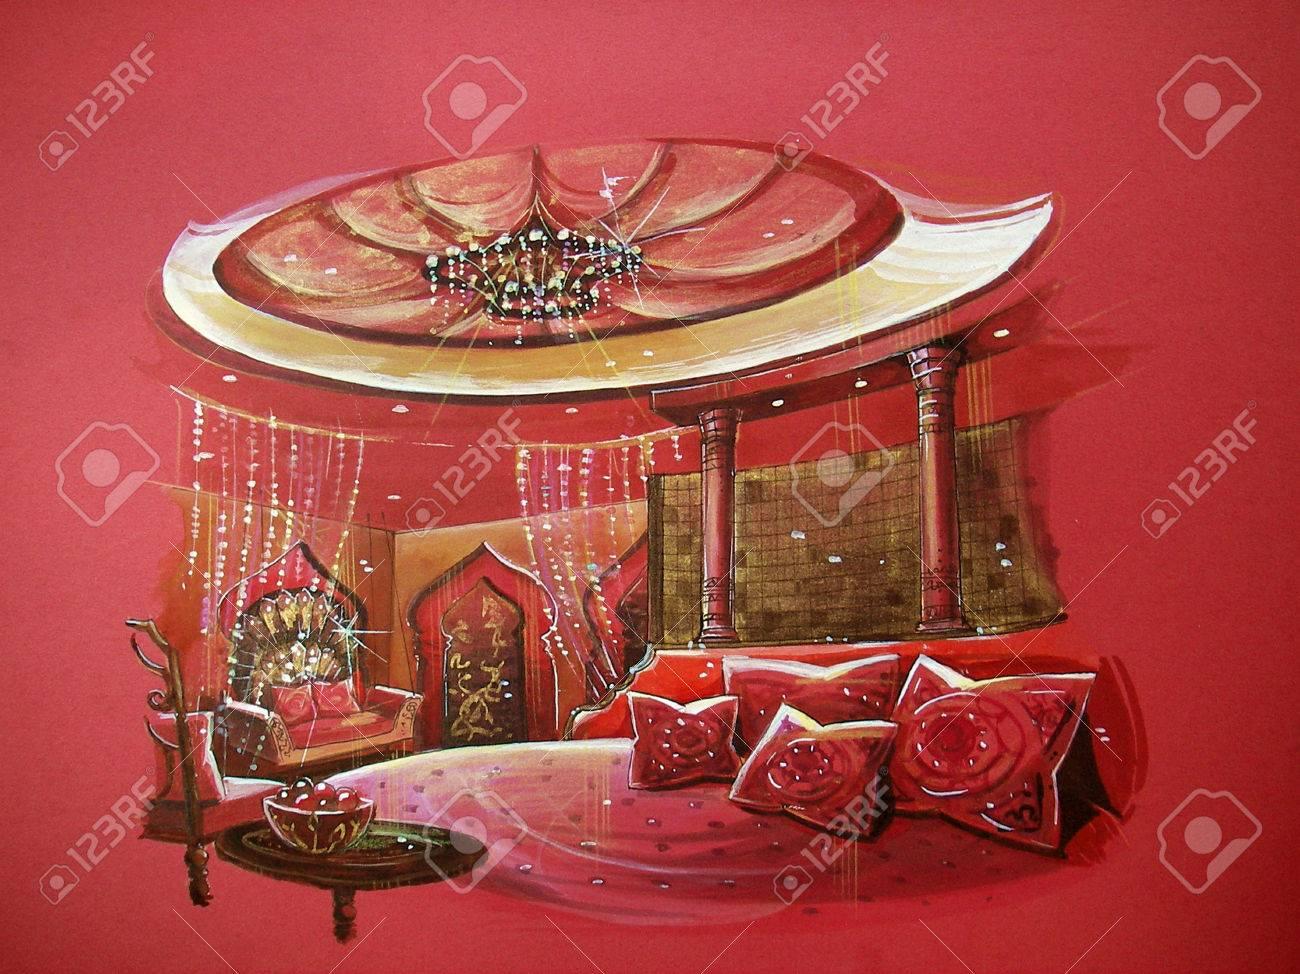 Red indischen stil schlafzimmer interieur mit runden bett indianer ...